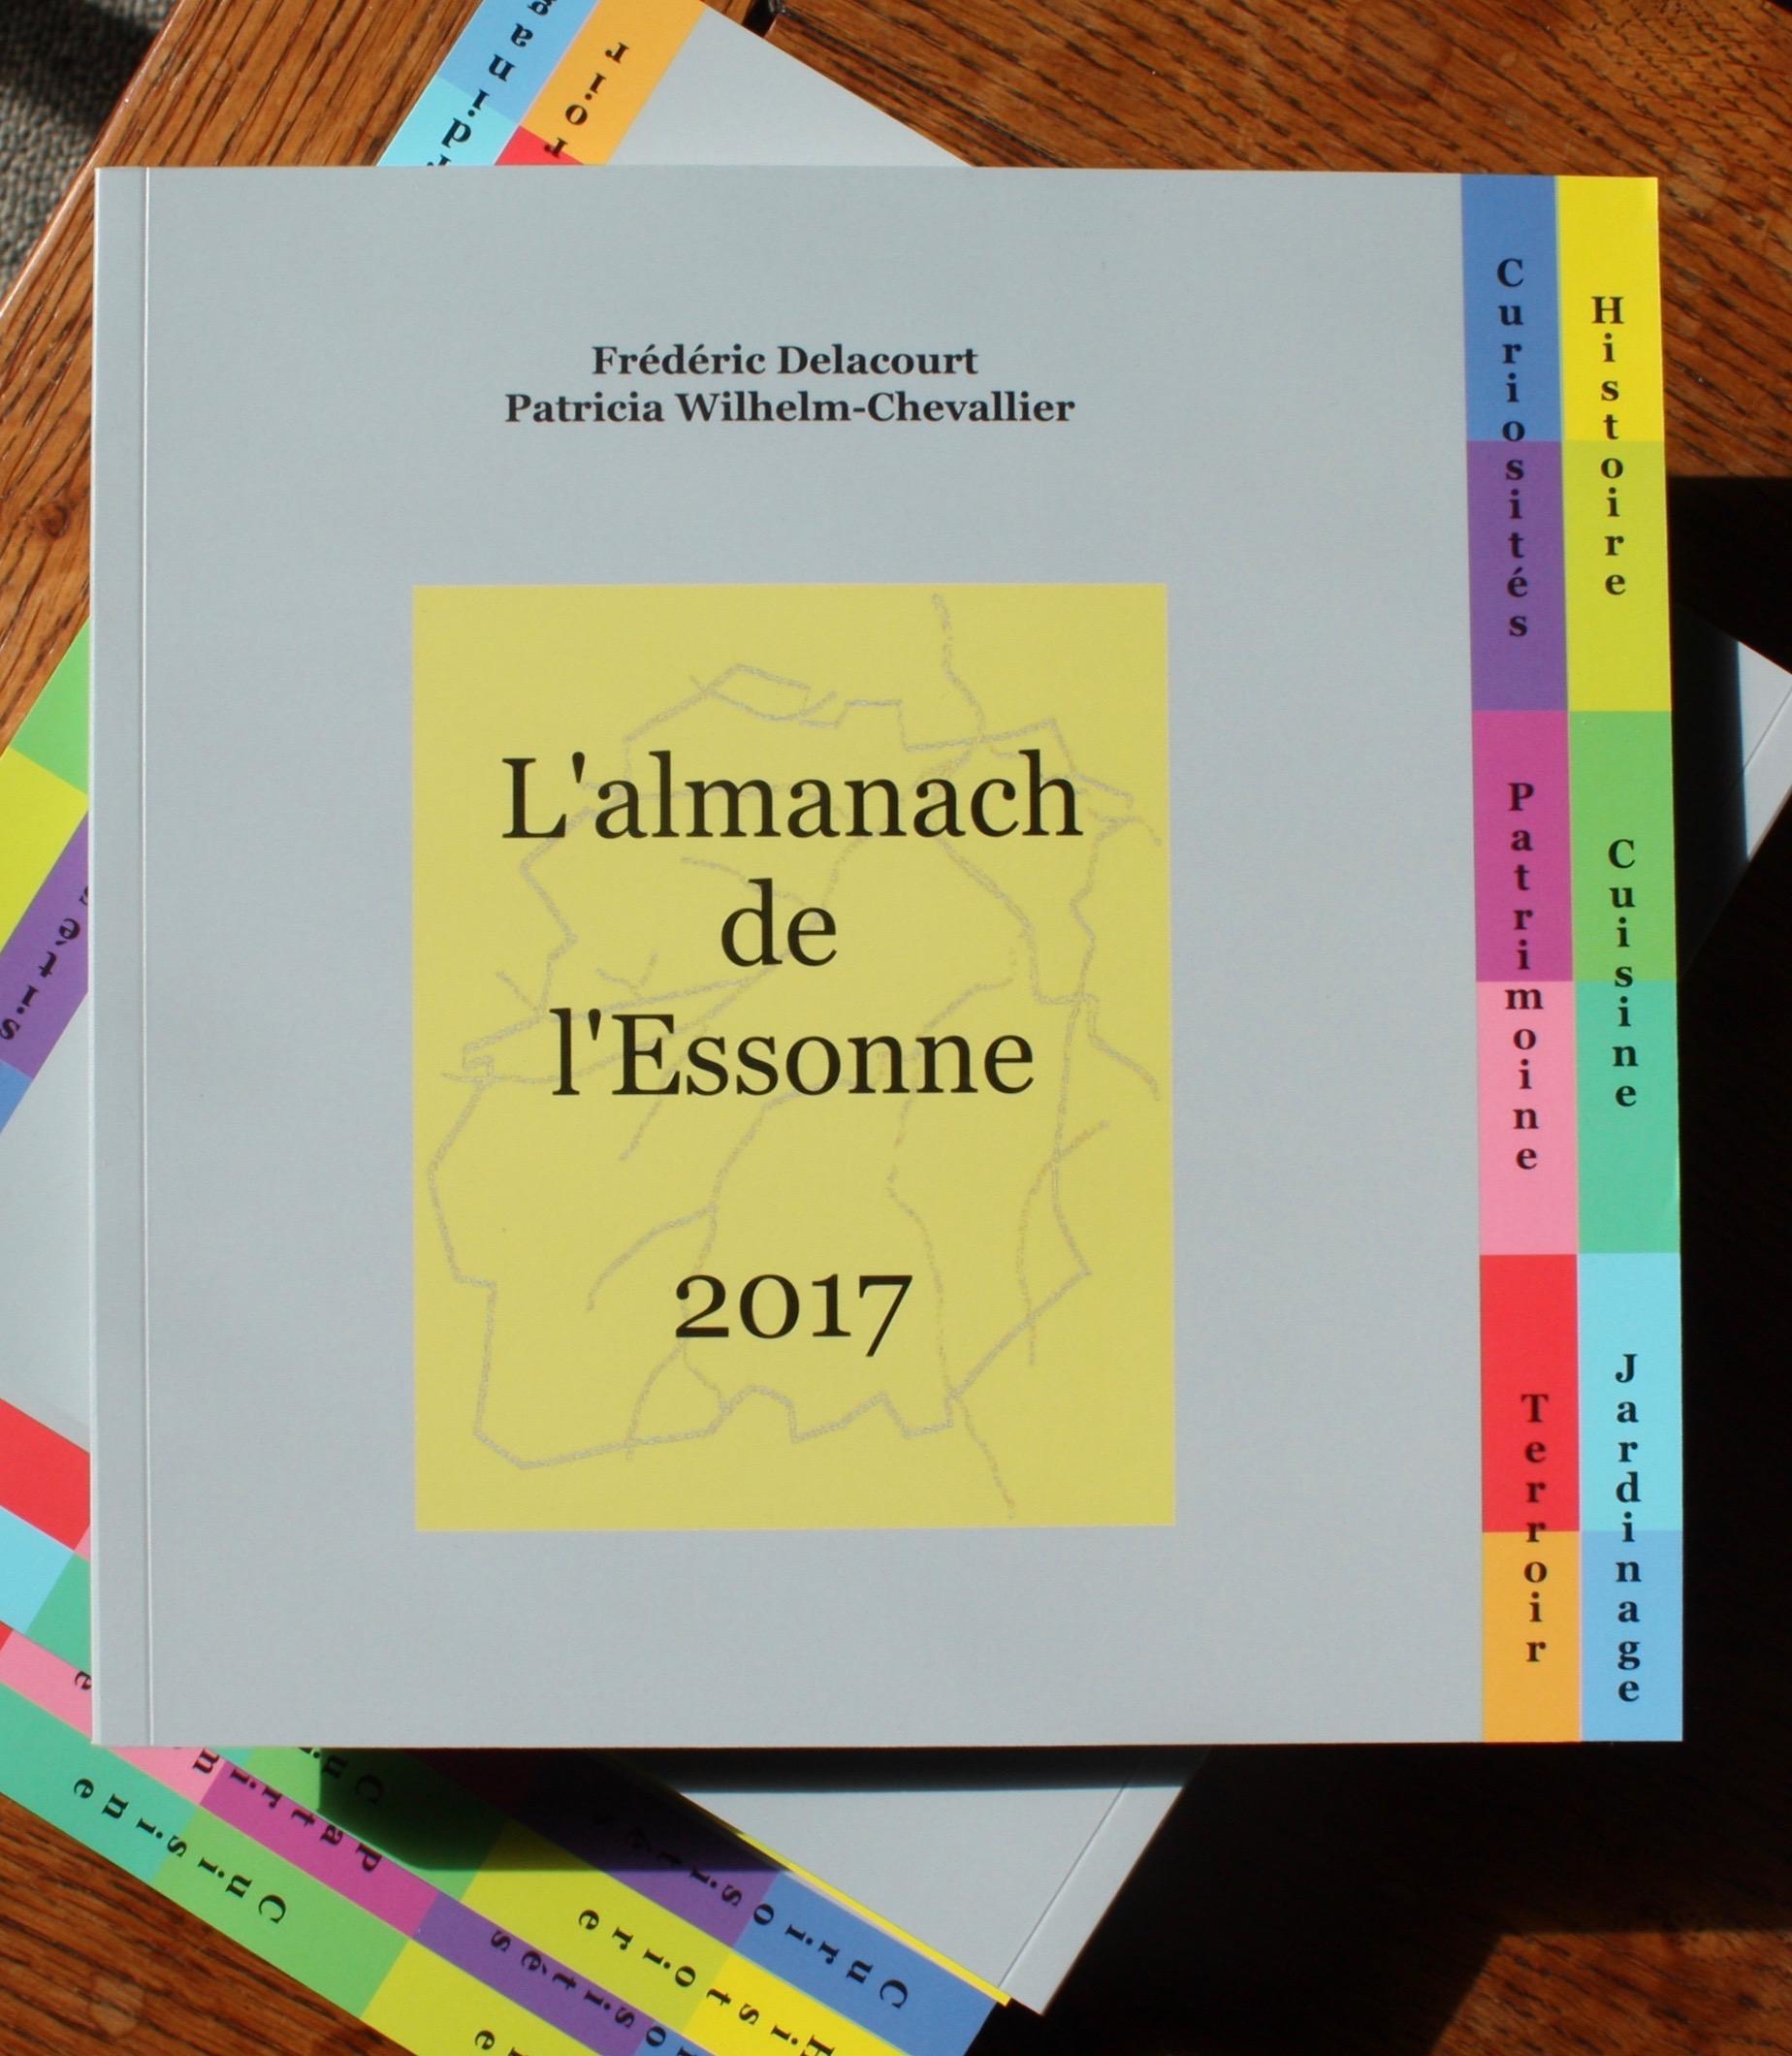 L'almanach de l'Essonne 2017